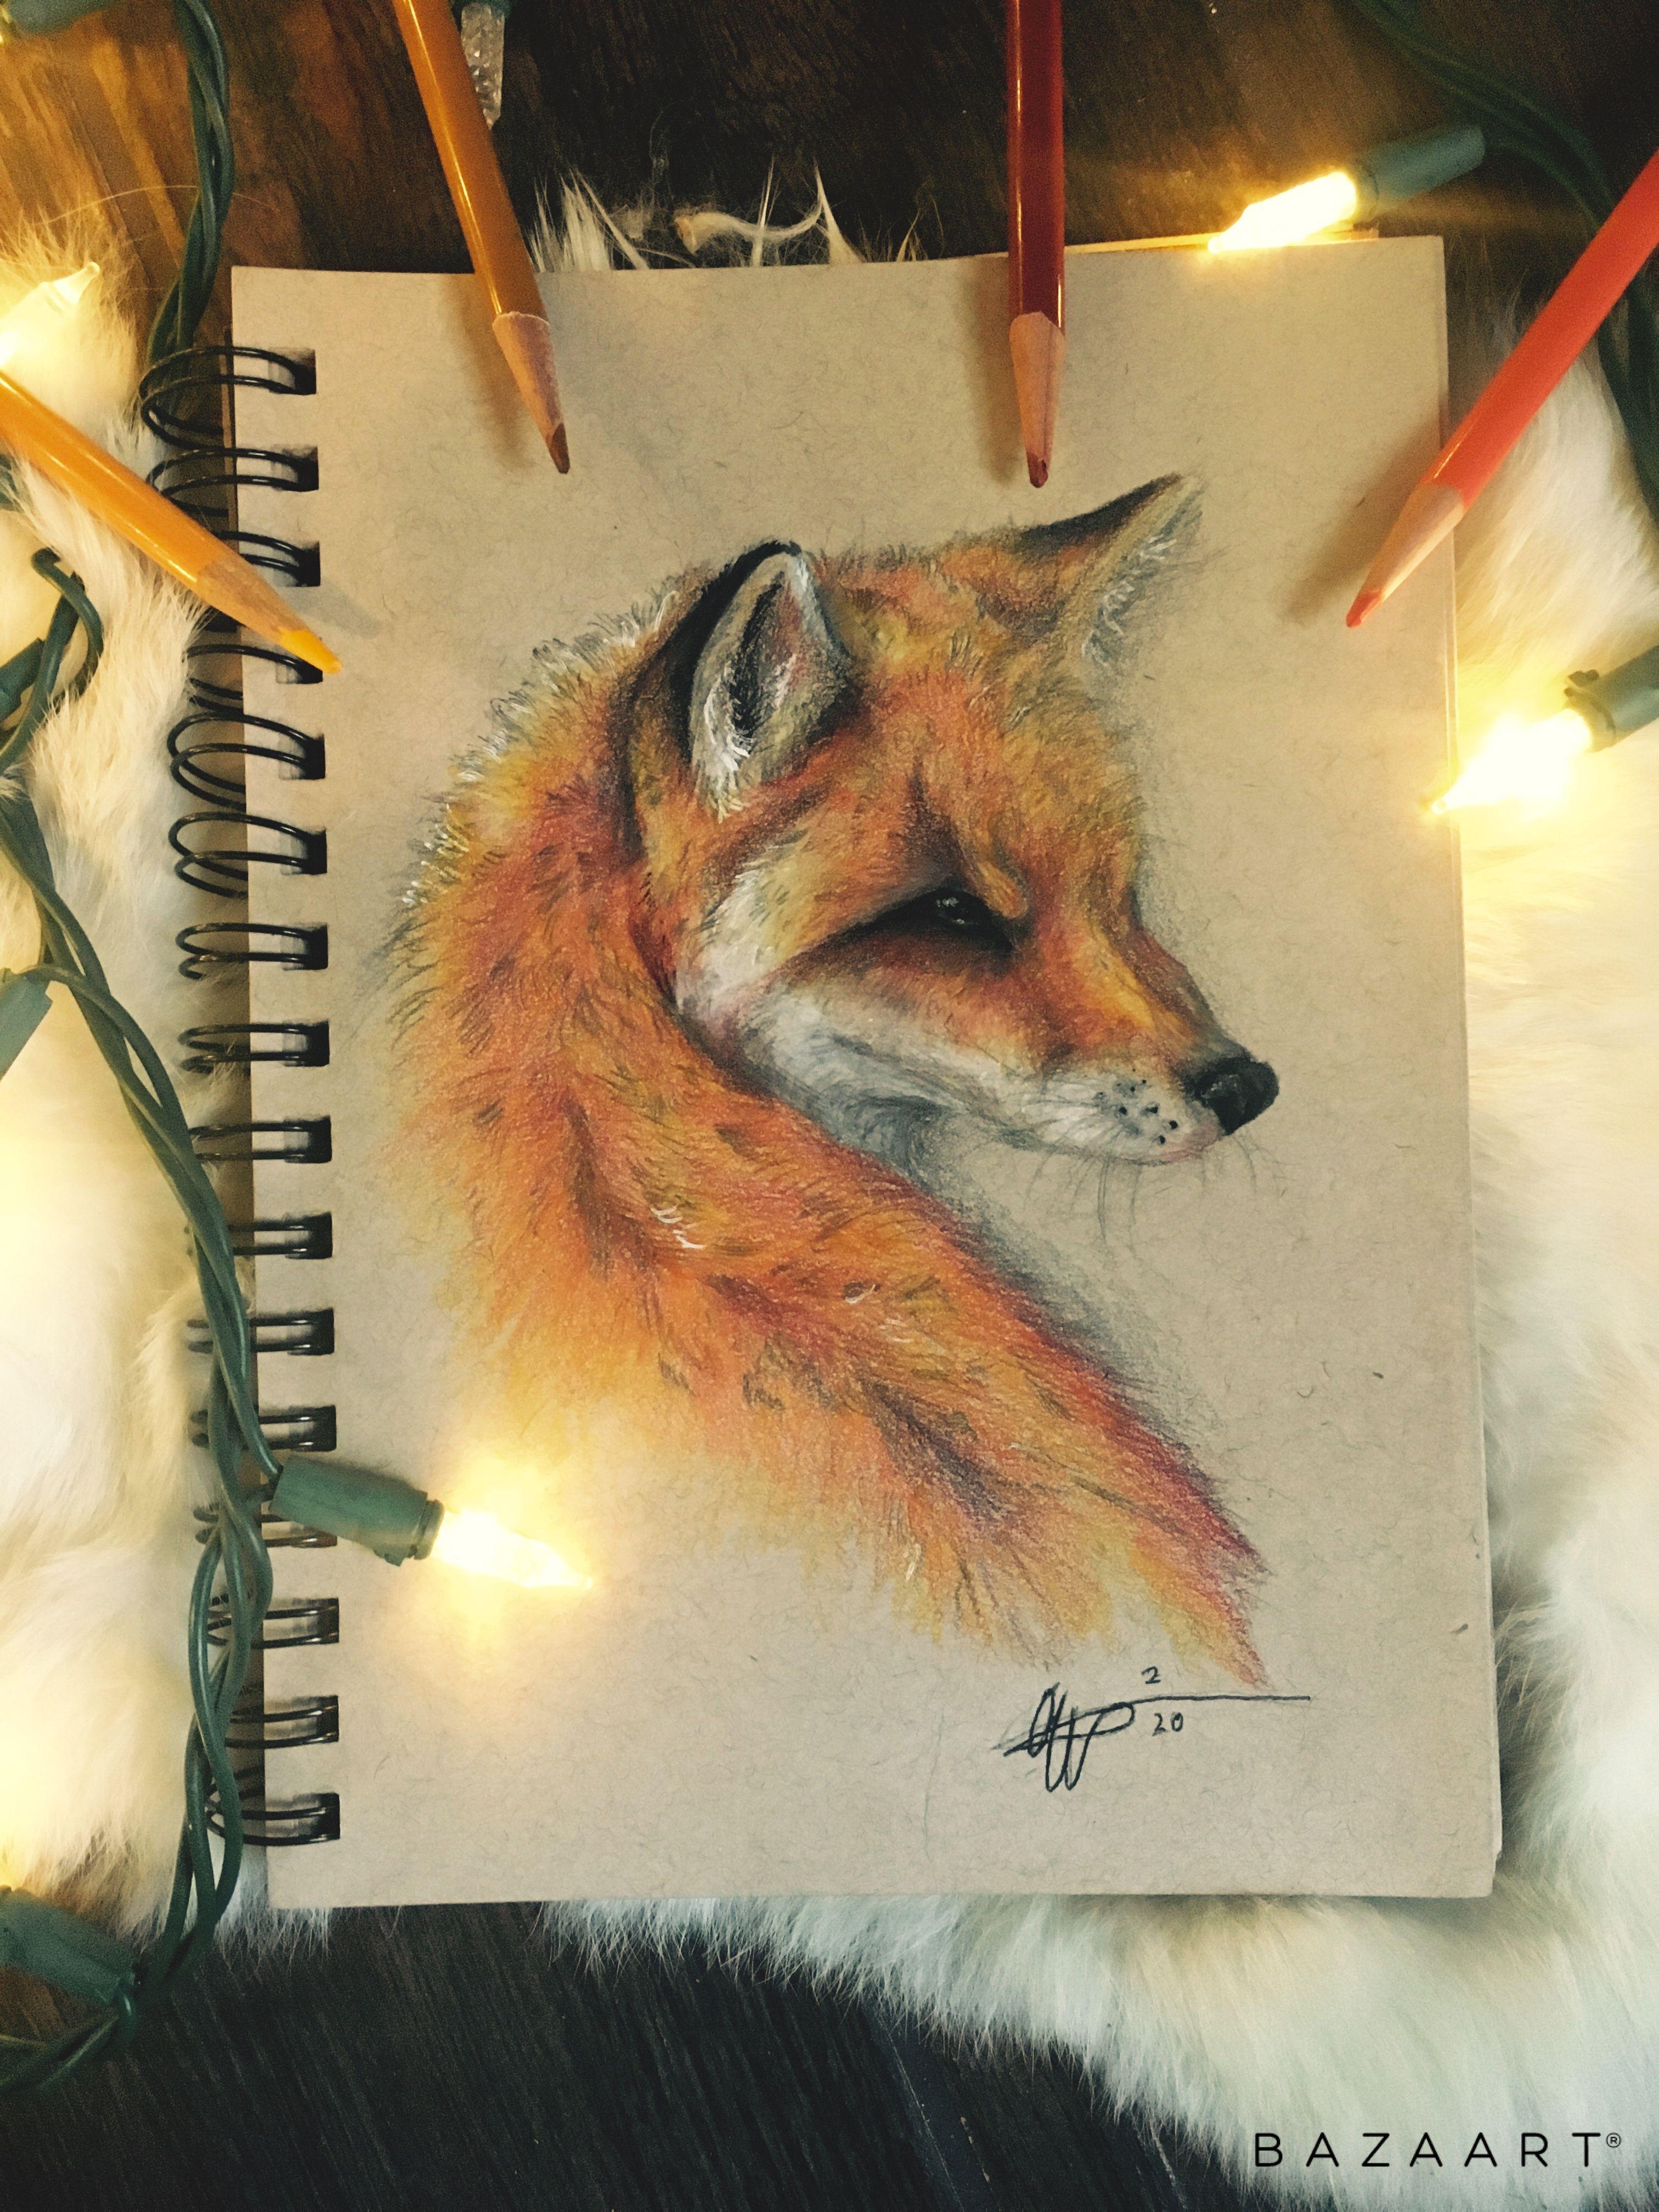 Fox pencil sketch 🧡 #fox #art #sketch #prismacolor #pencilart #foxdrawing